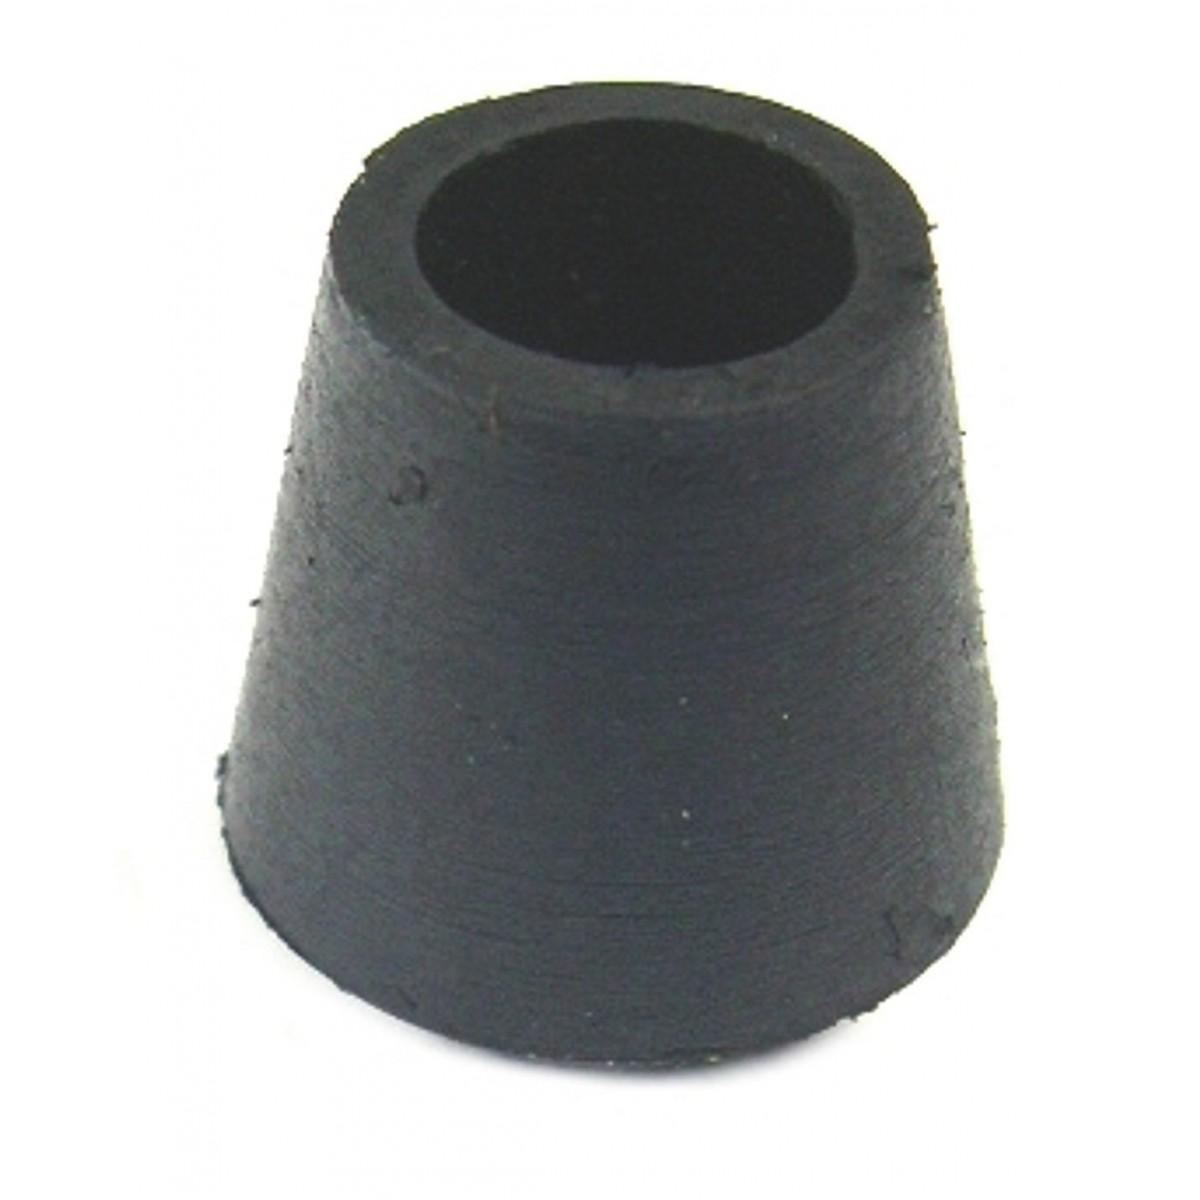 Embout enveloppant caoutchouc noir Shepherd - Diamètre 16 mm - Vendu par 20